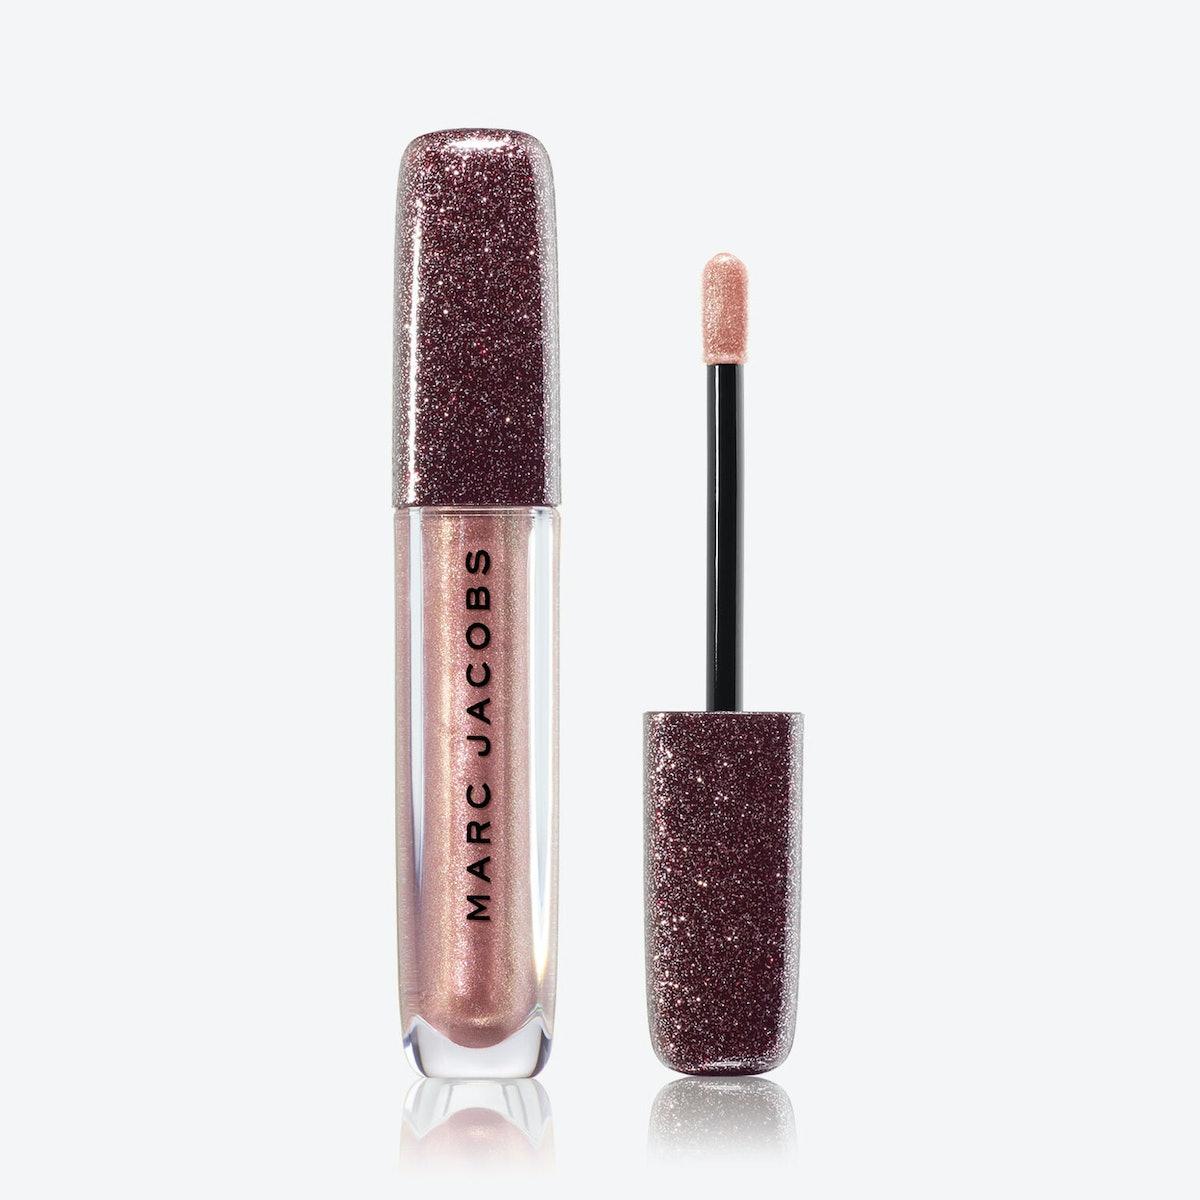 Enamored Lip Hi-Shine Gloss in Genie Kiss 384